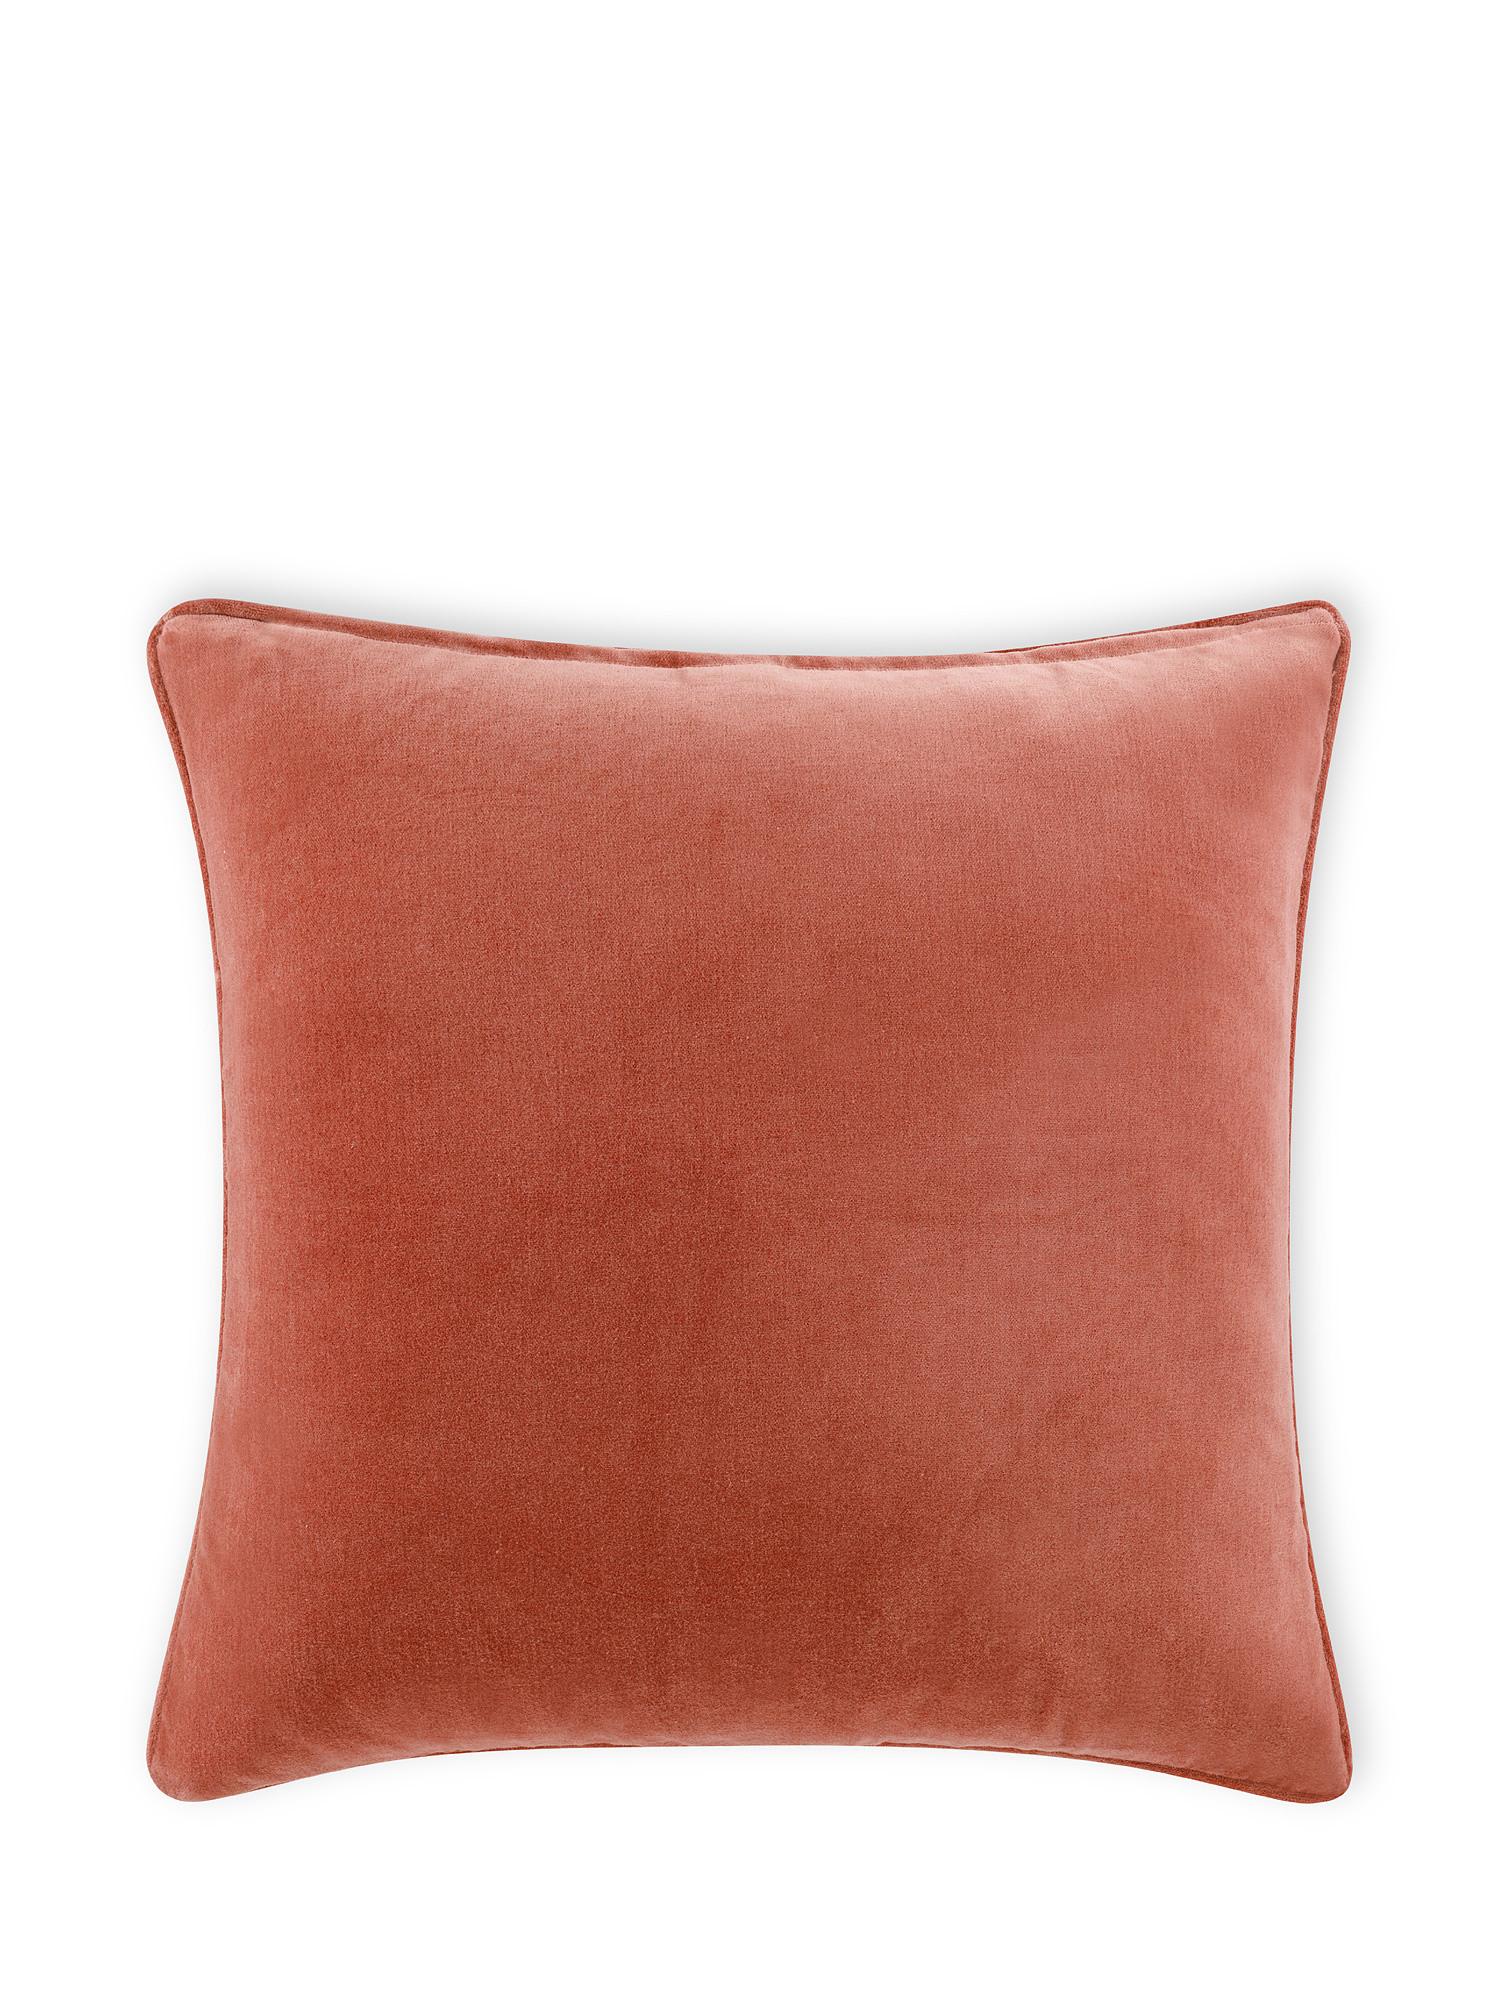 Cuscino velluto di cotone tinta unita 45x45cm, Rosa, large image number 1